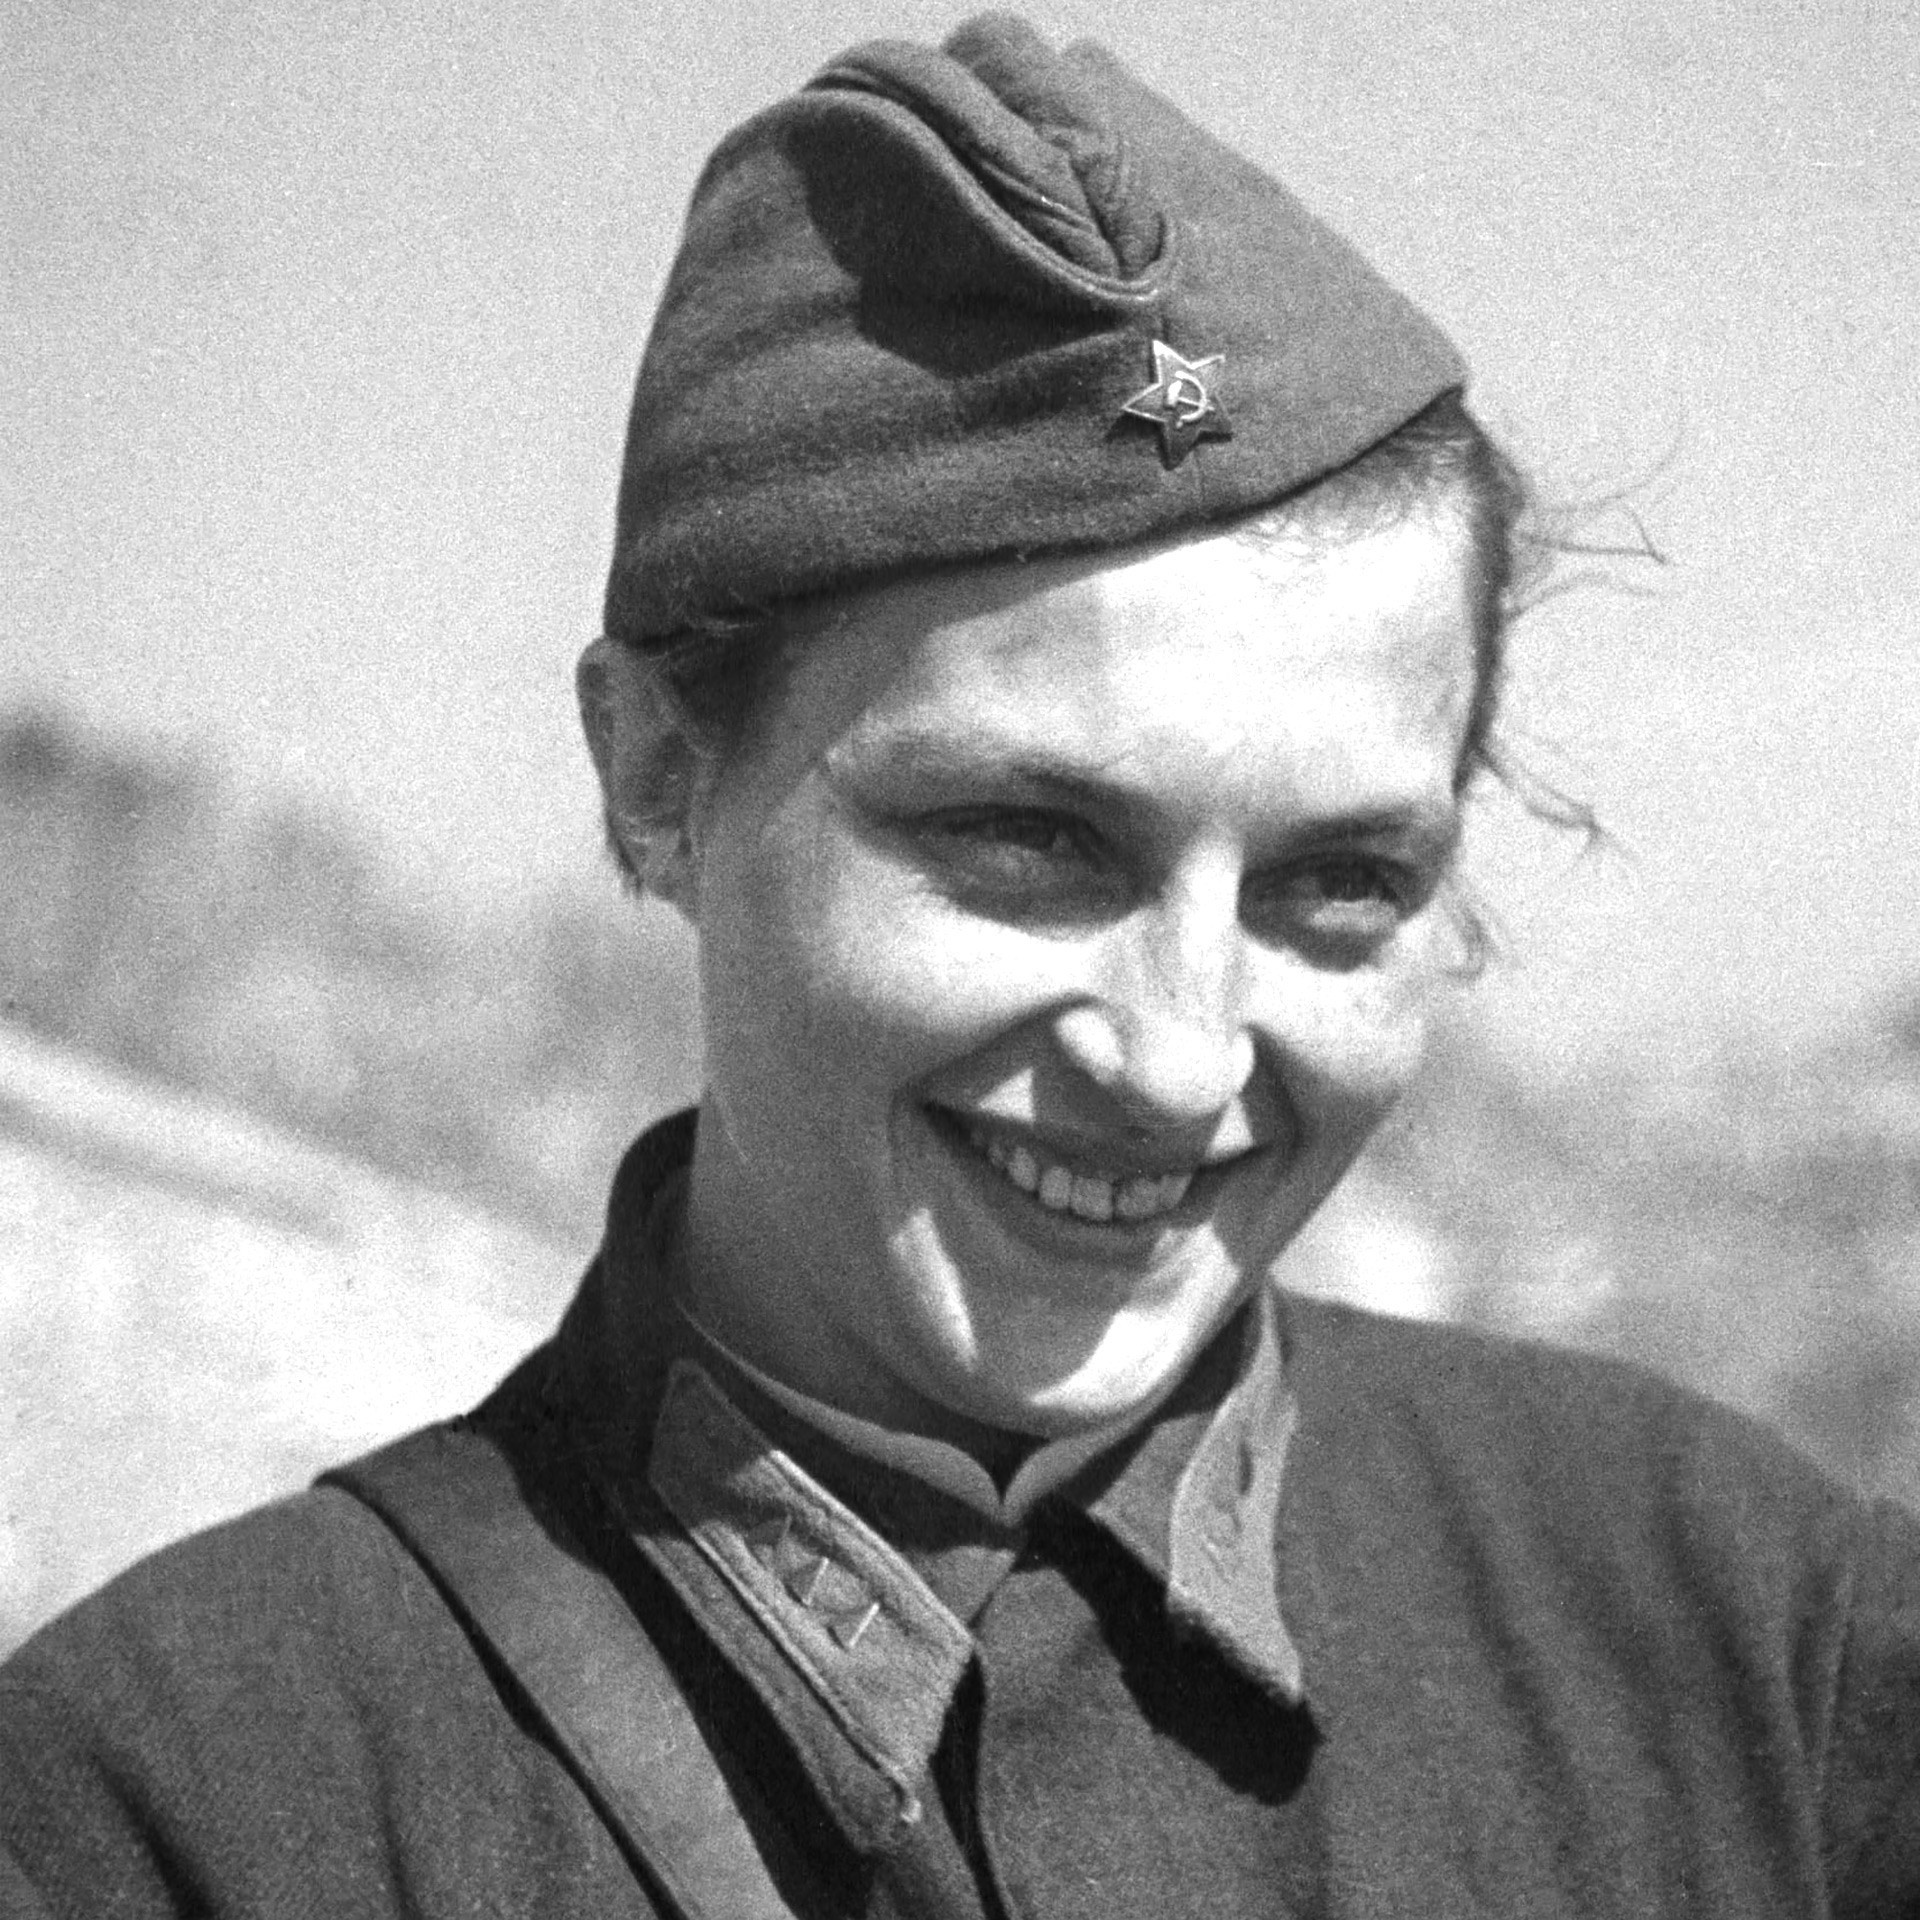 La francotiradora Lyudmila Pavlichenko